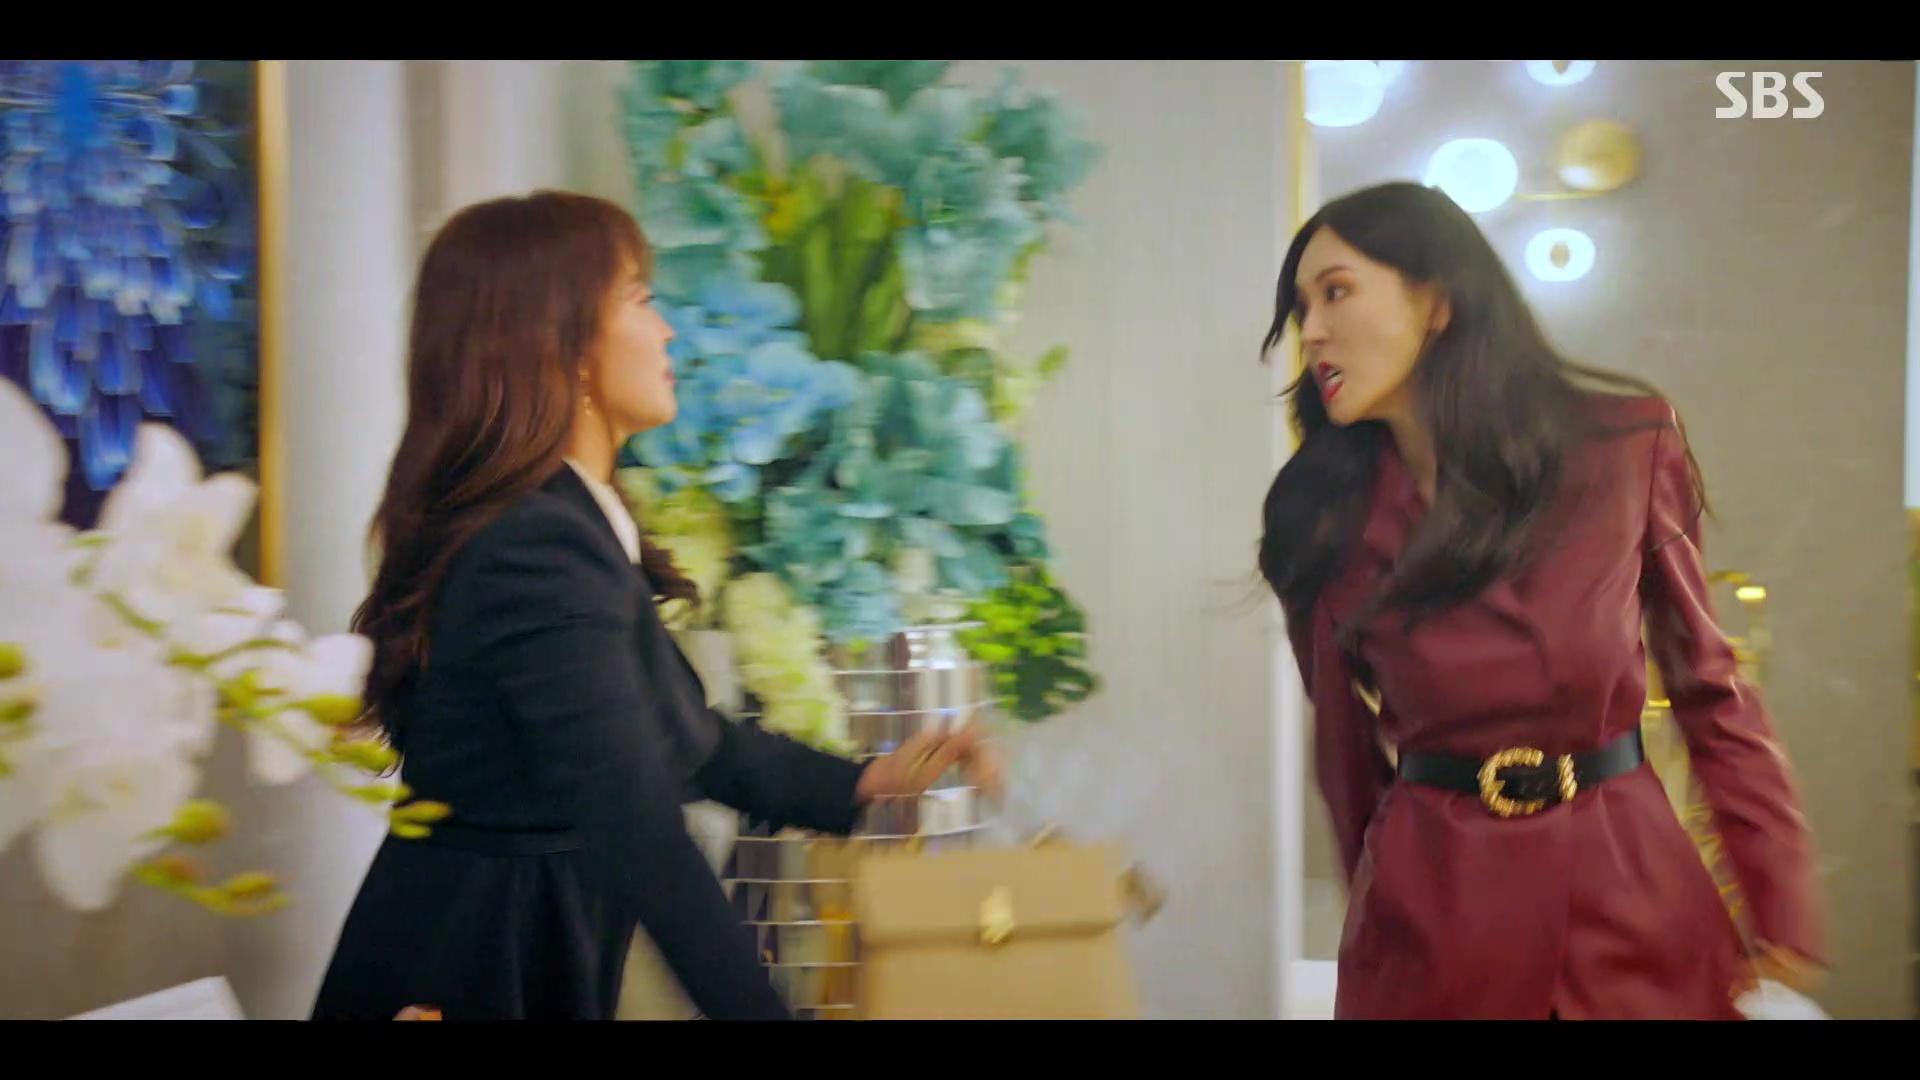 Penthouse Season 3 Episode 6 Recap and Review